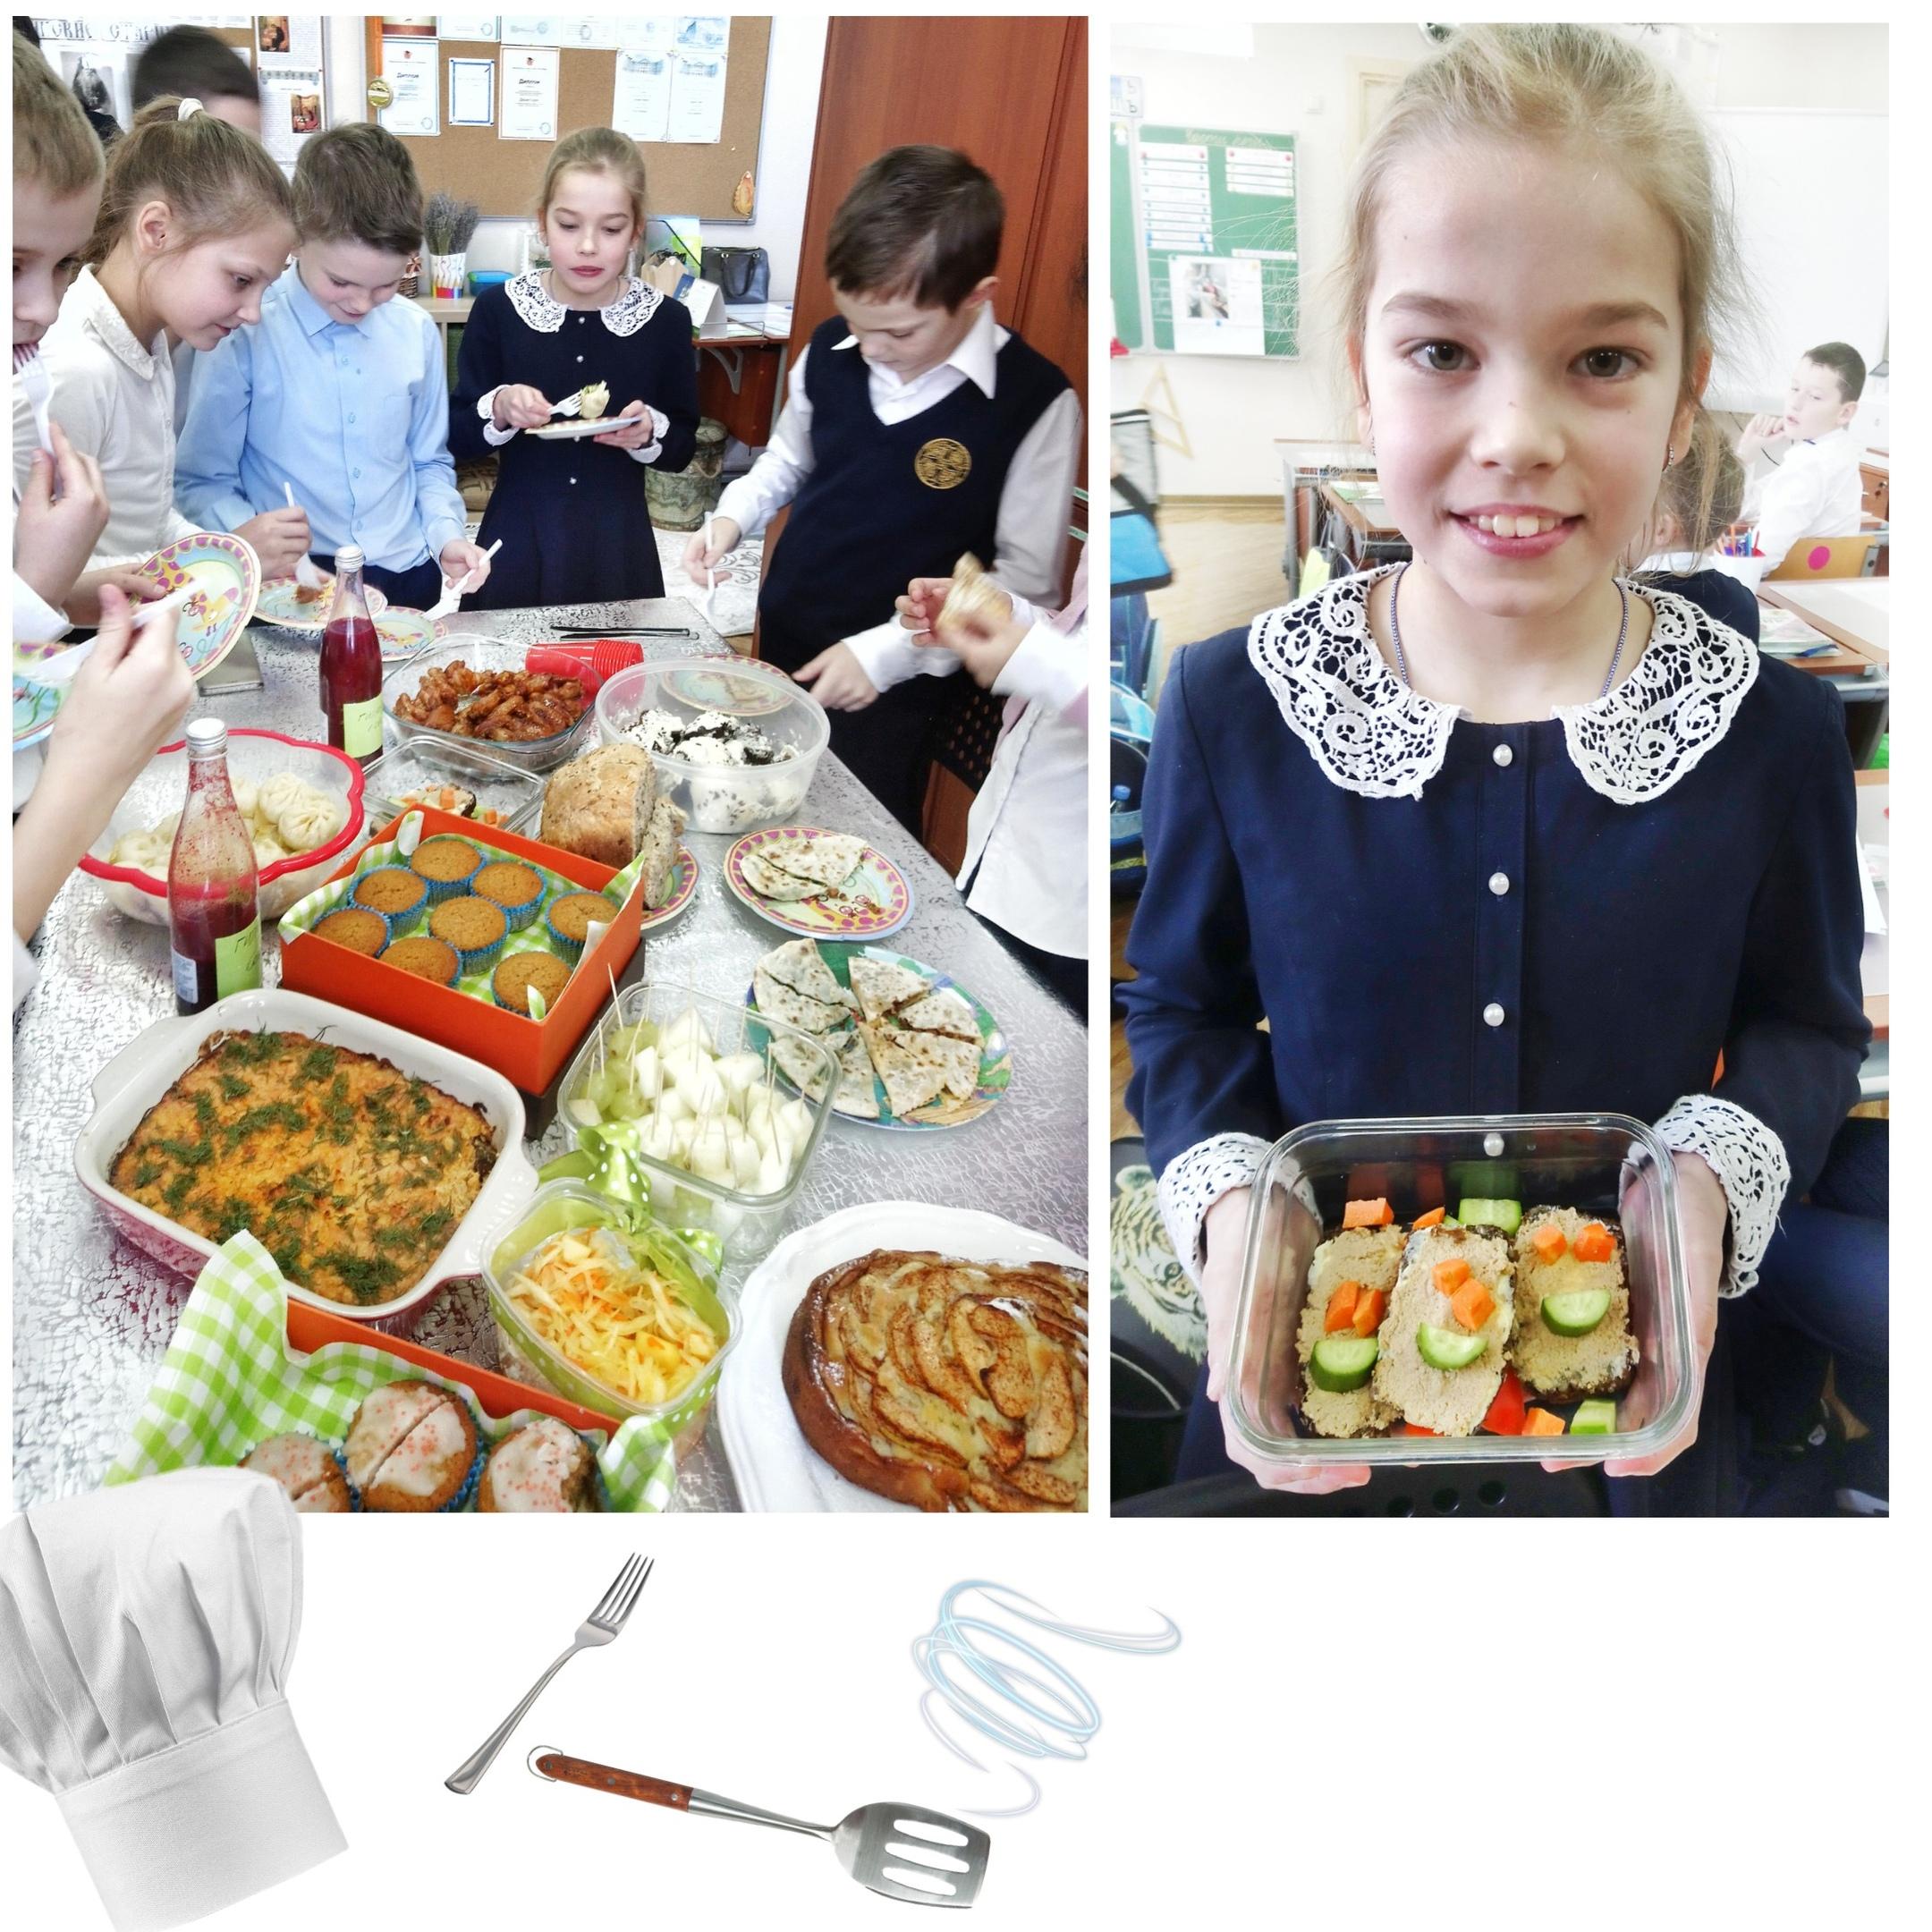 Учащиеся Гимназии Святителя Василия Великого в д. Зайцево провели «Школу кулинаров»